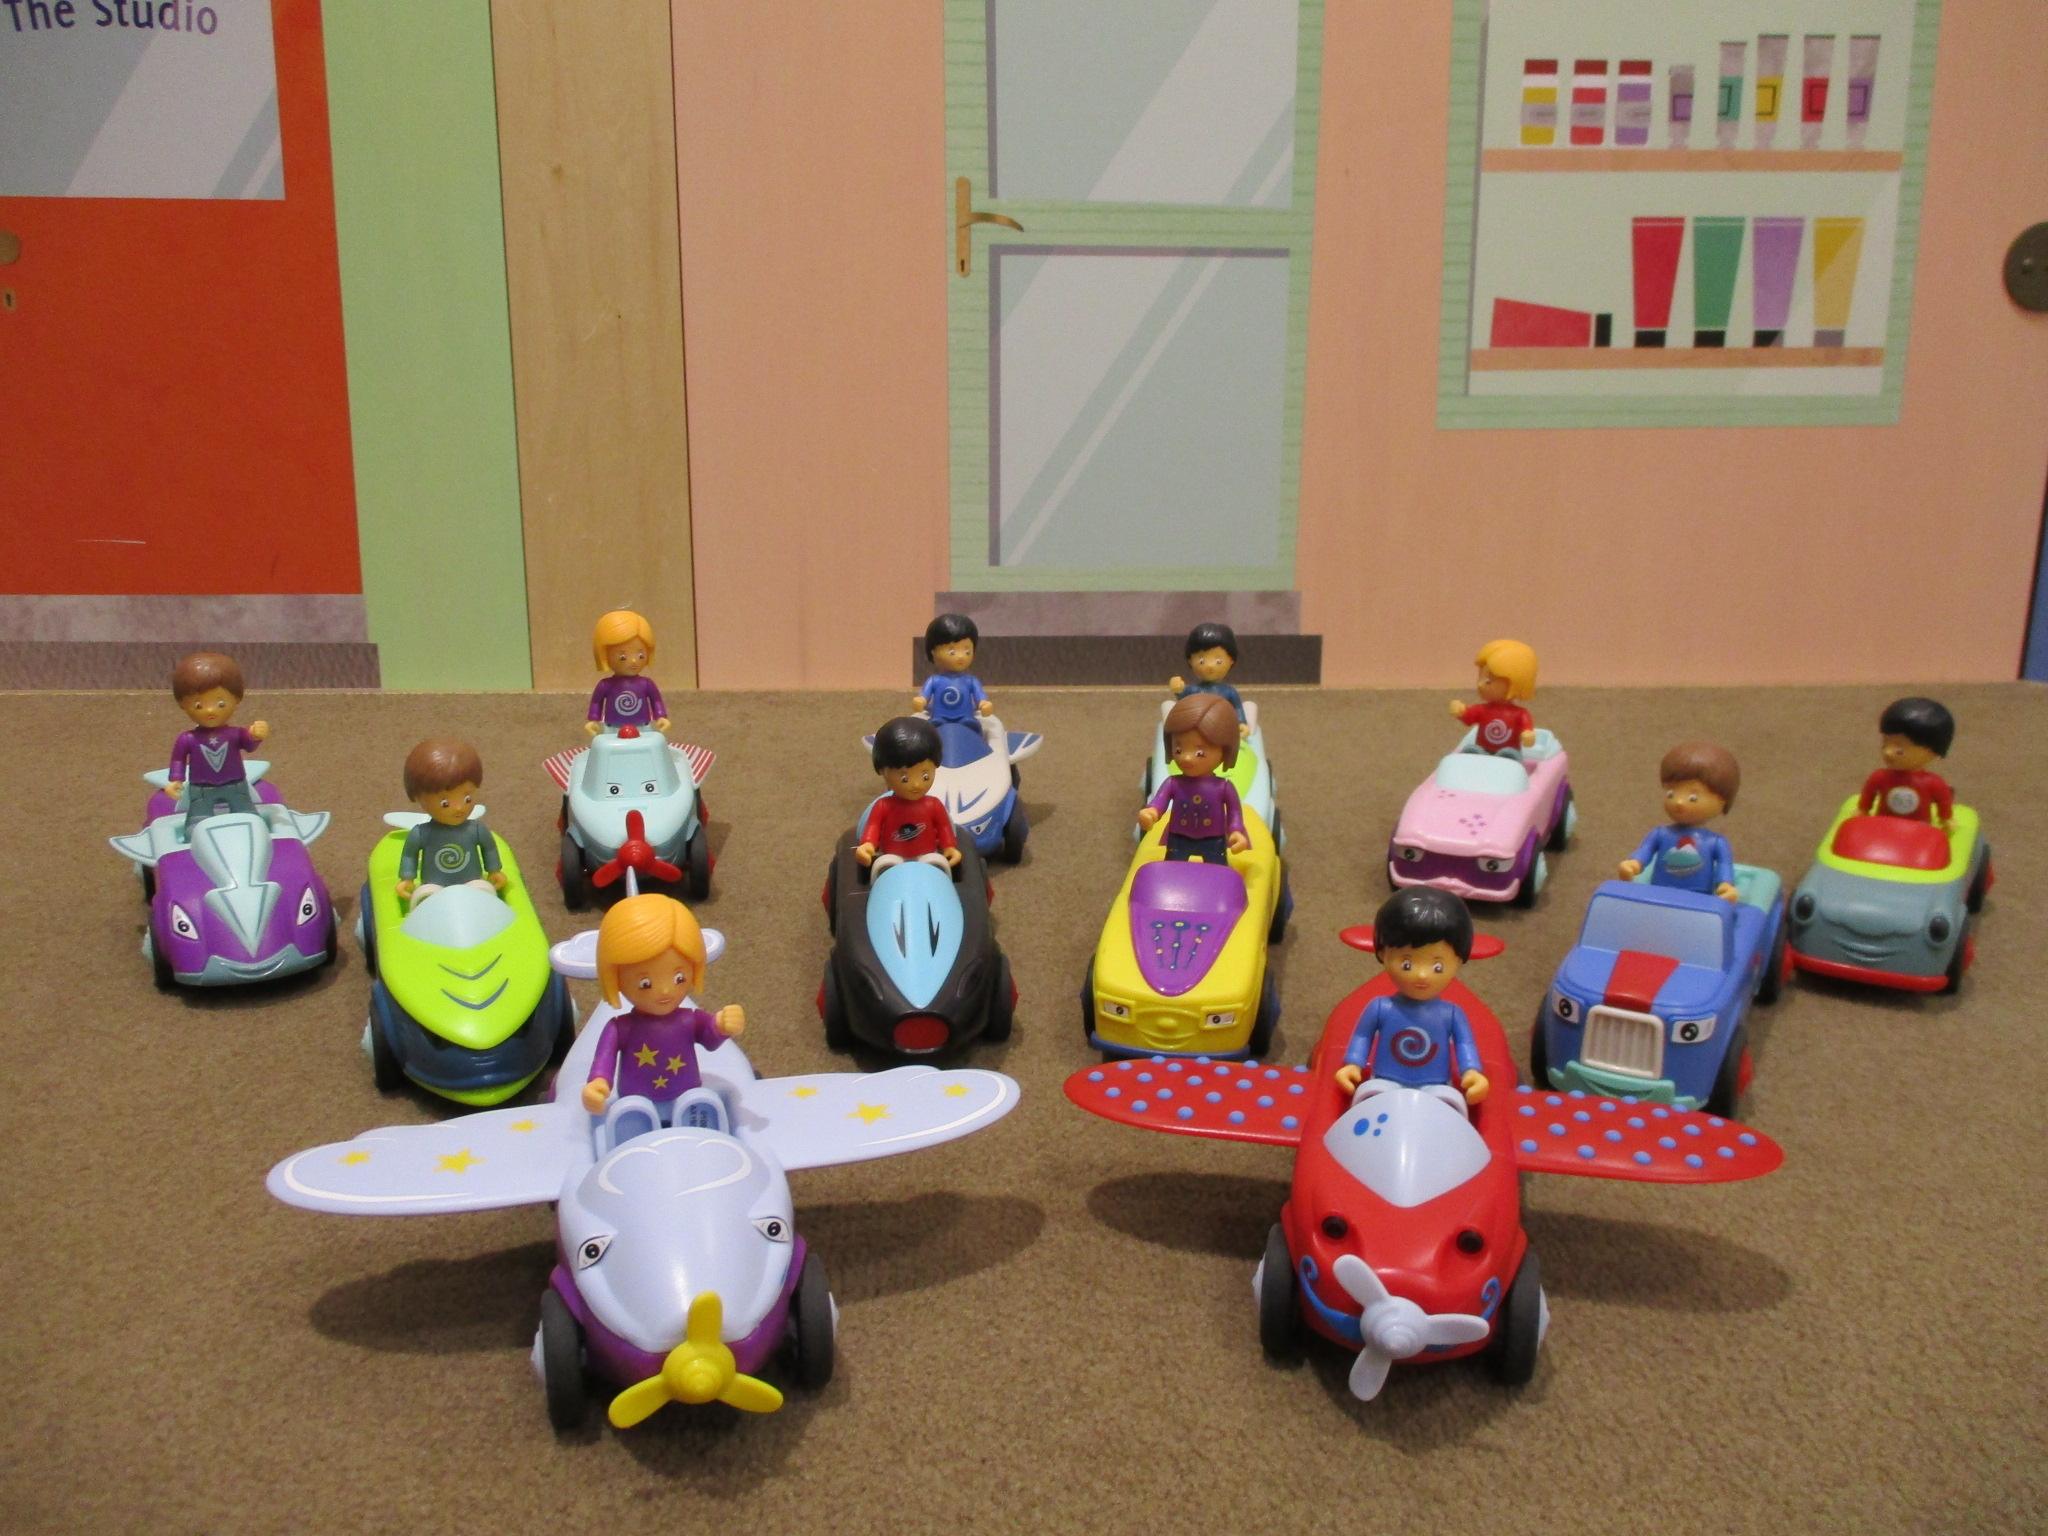 新しい遊具の紹介 クルマのあそび道具「Toddys(トディーズ)」